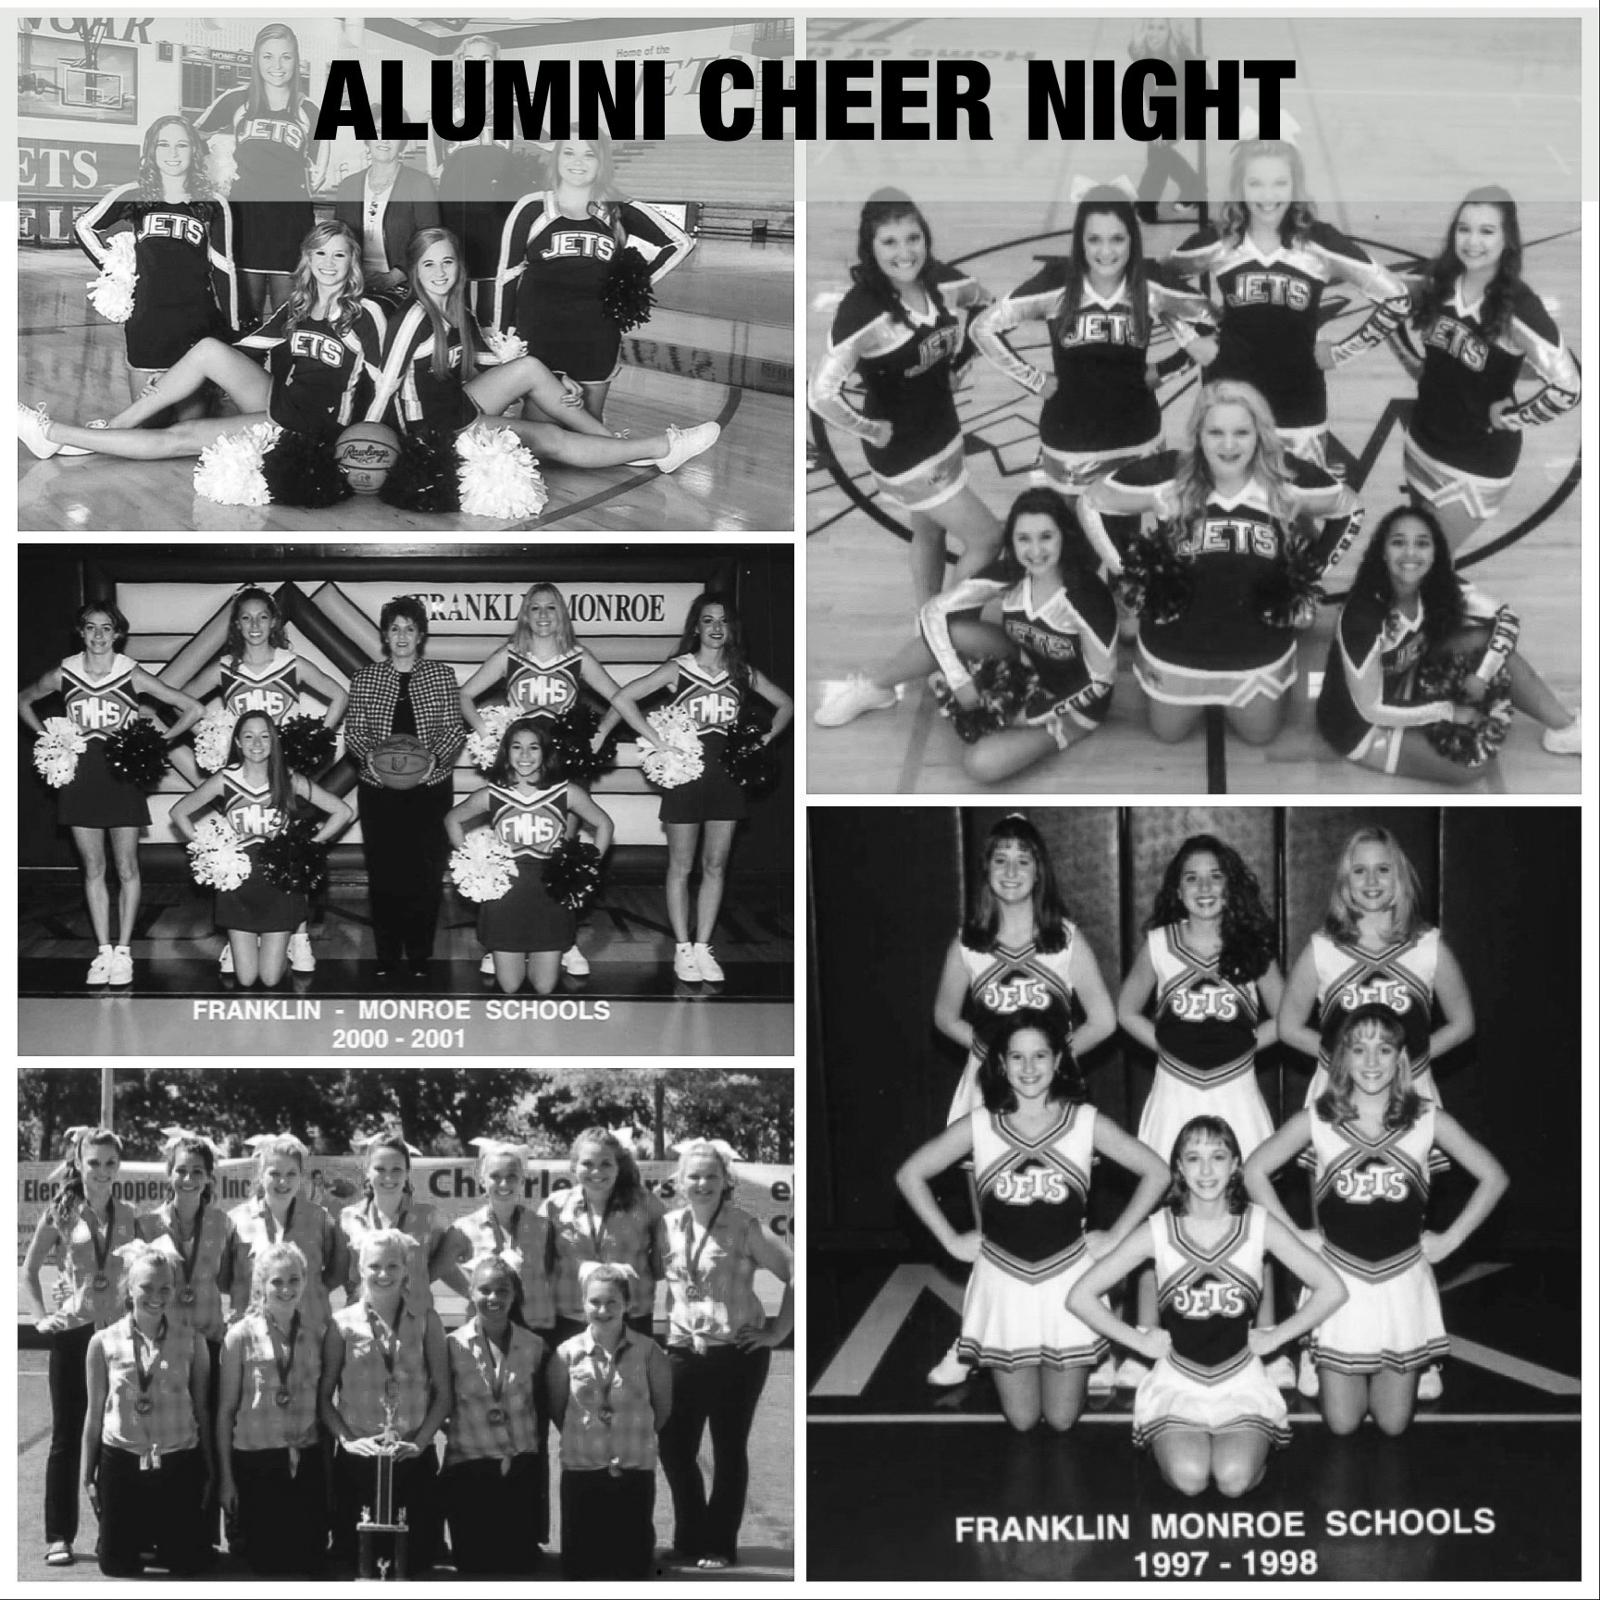 Alumni Cheer Night